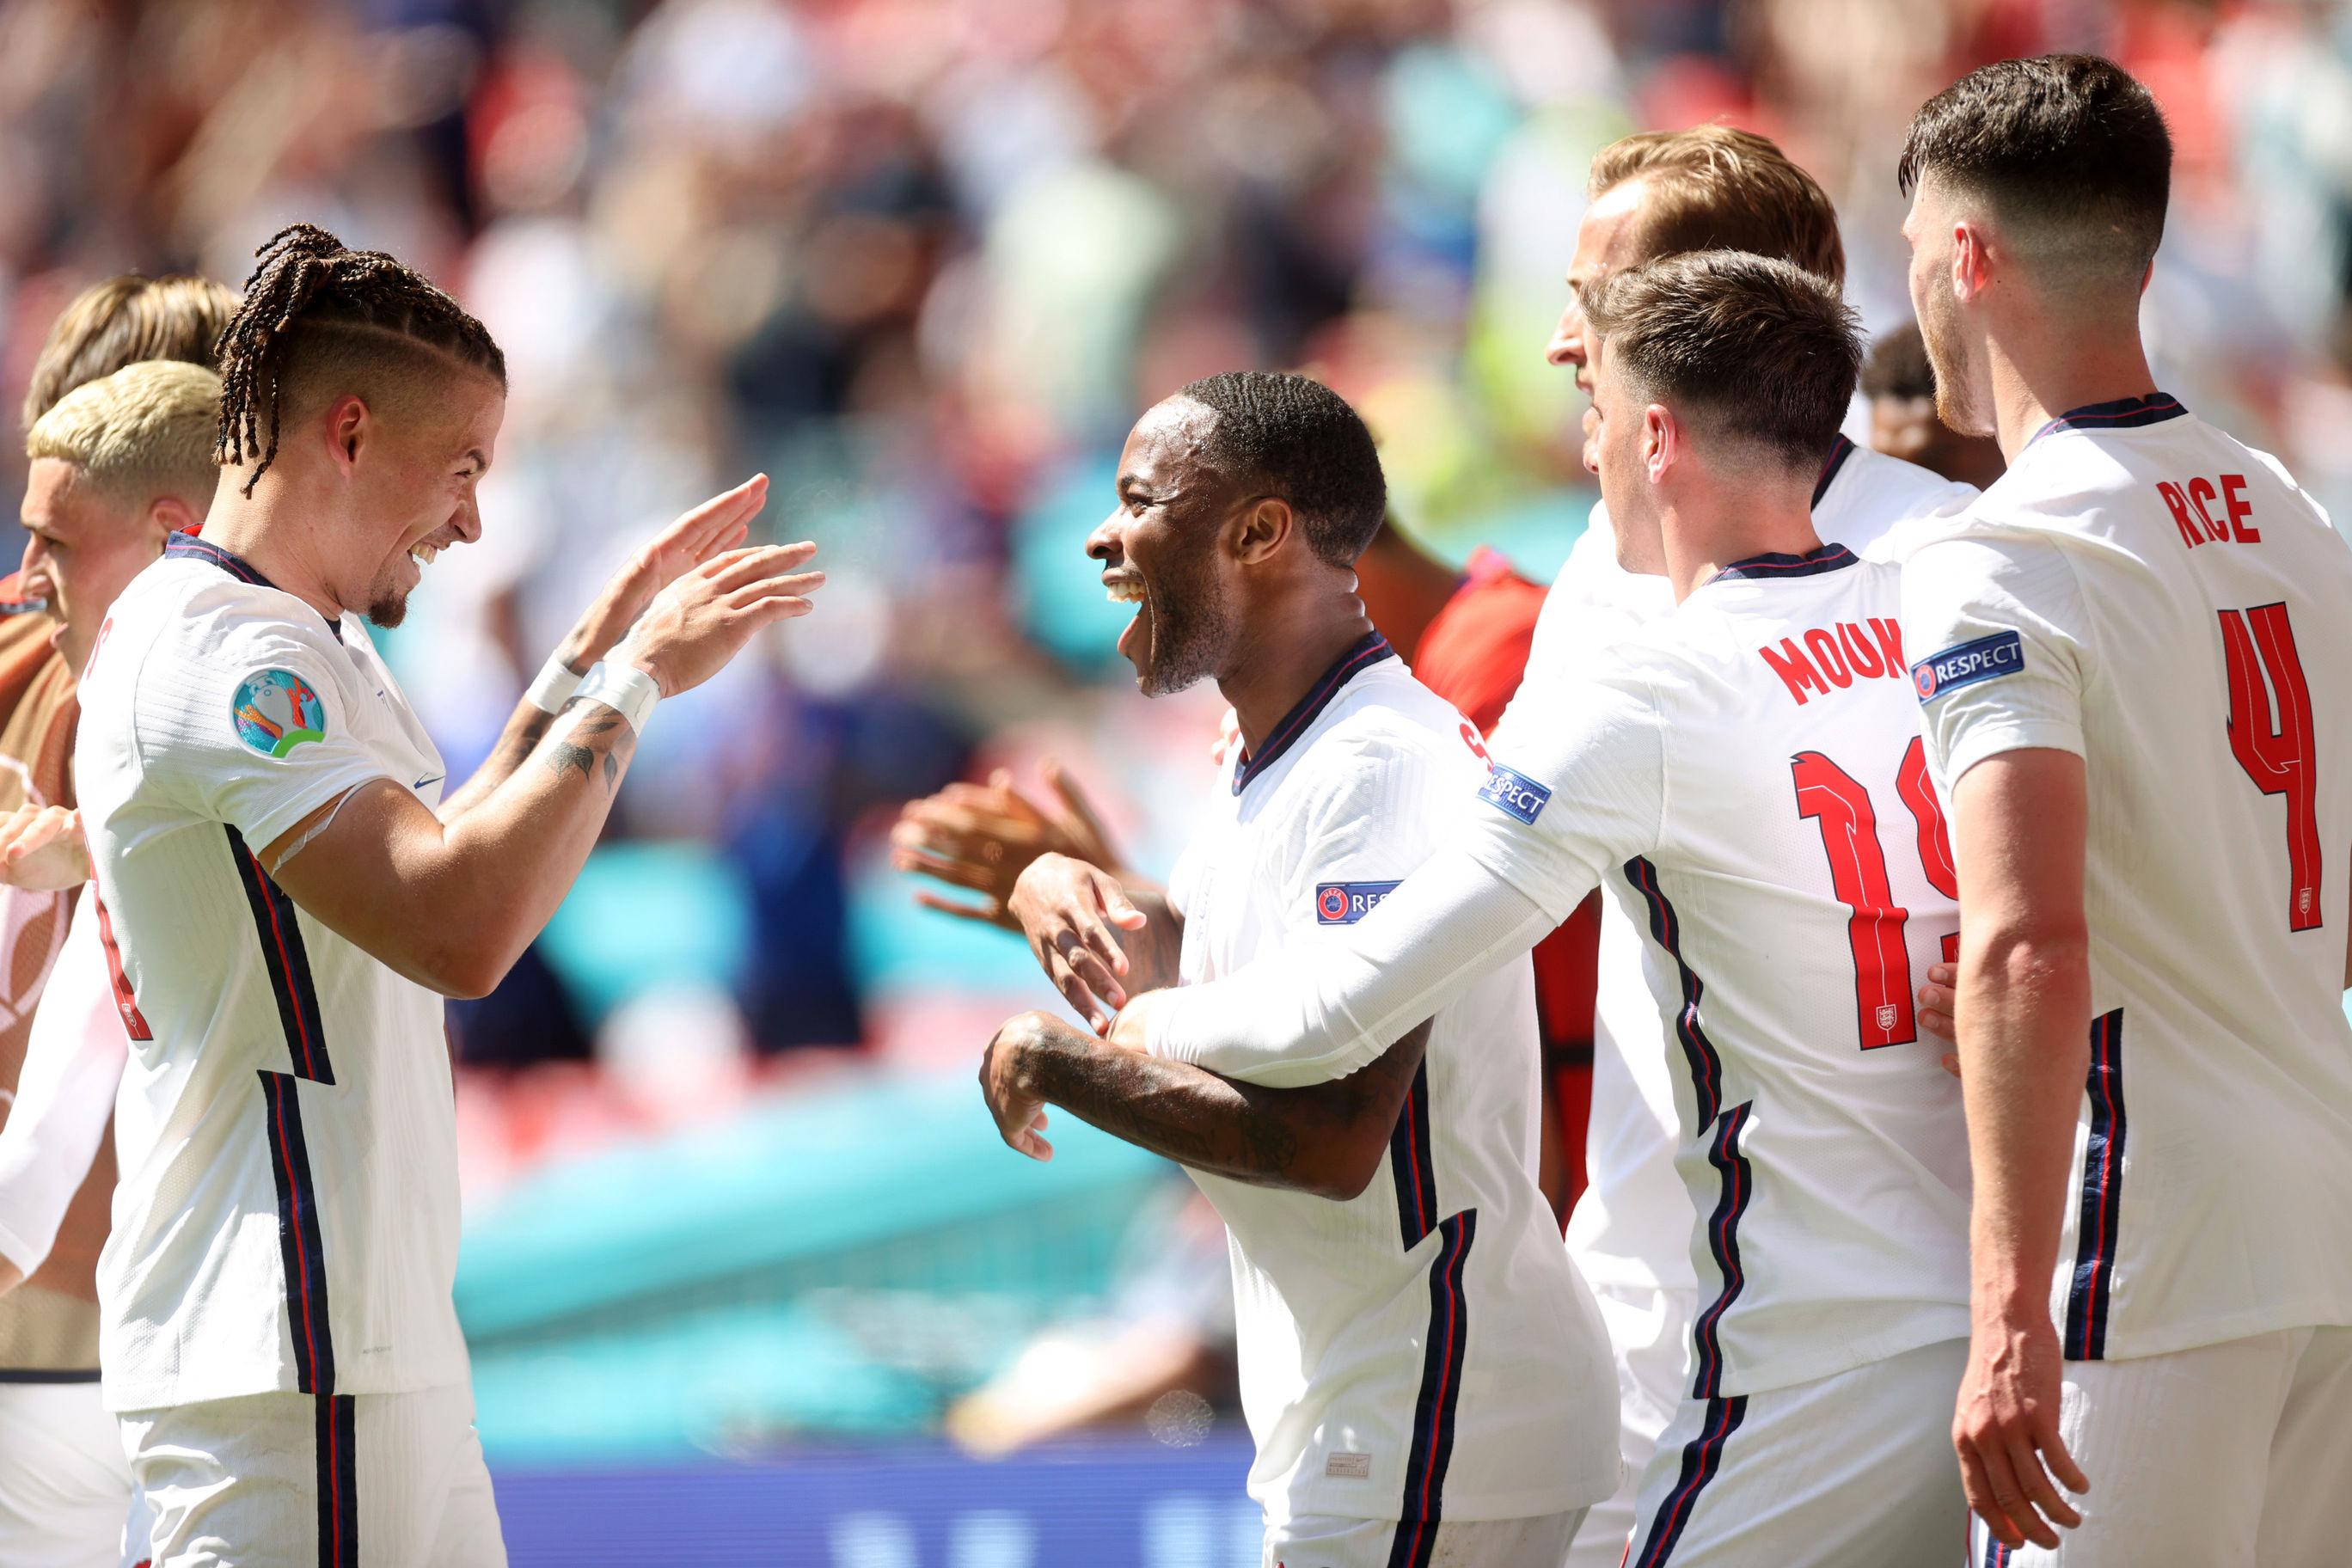 Украина - Англия. Анонс и прогноз на матч четвертьфинала Евро-2020 на 03.07.2021 - изображение 1